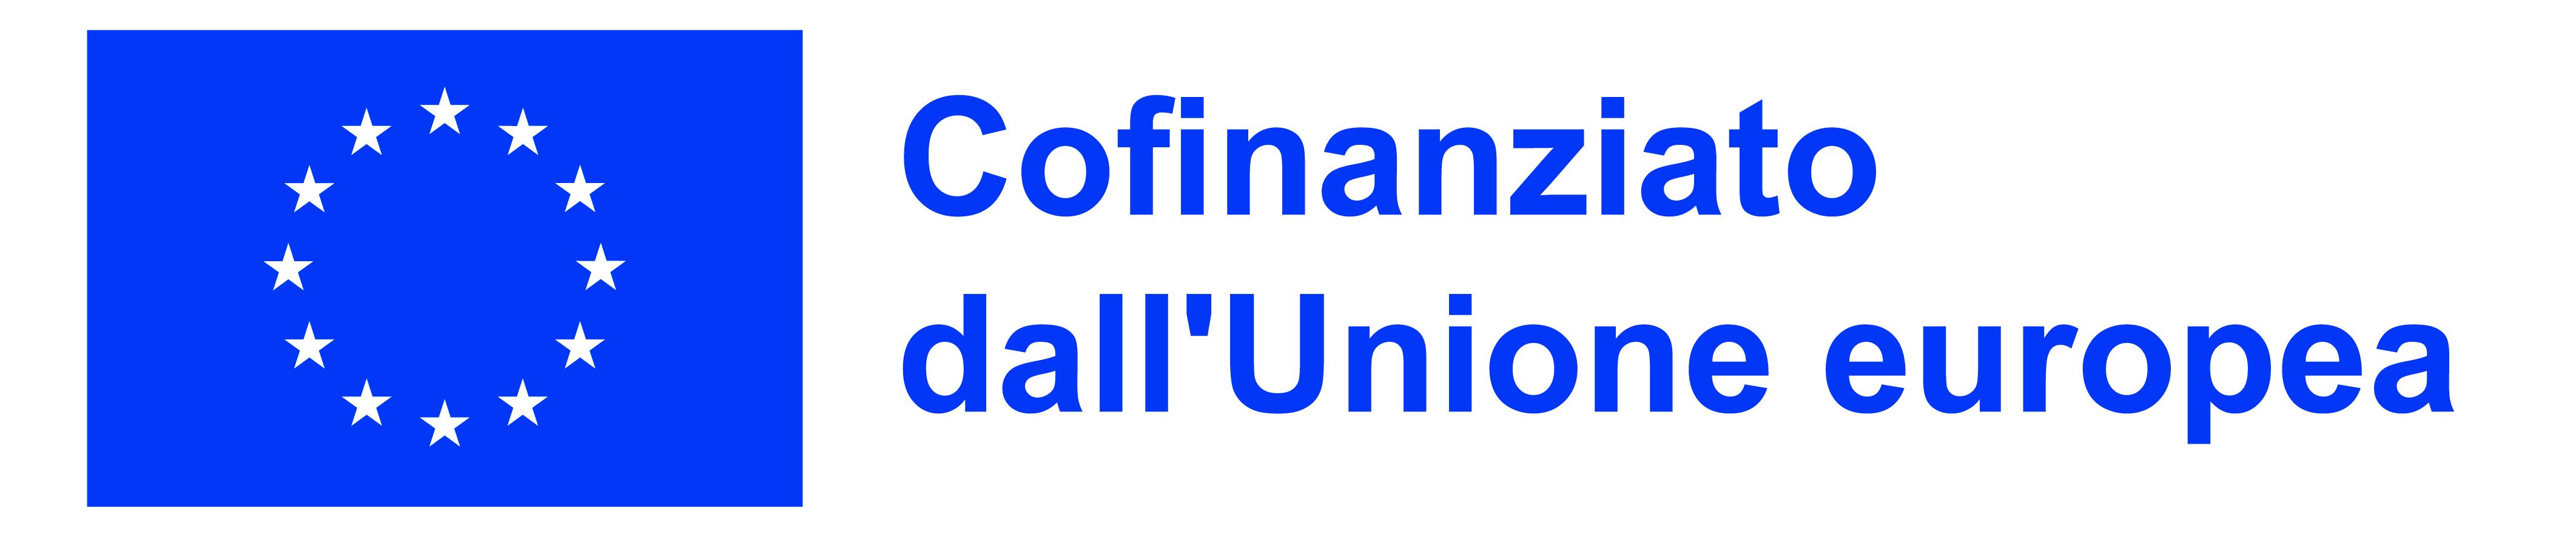 Cofinanziato dall'Unione europea